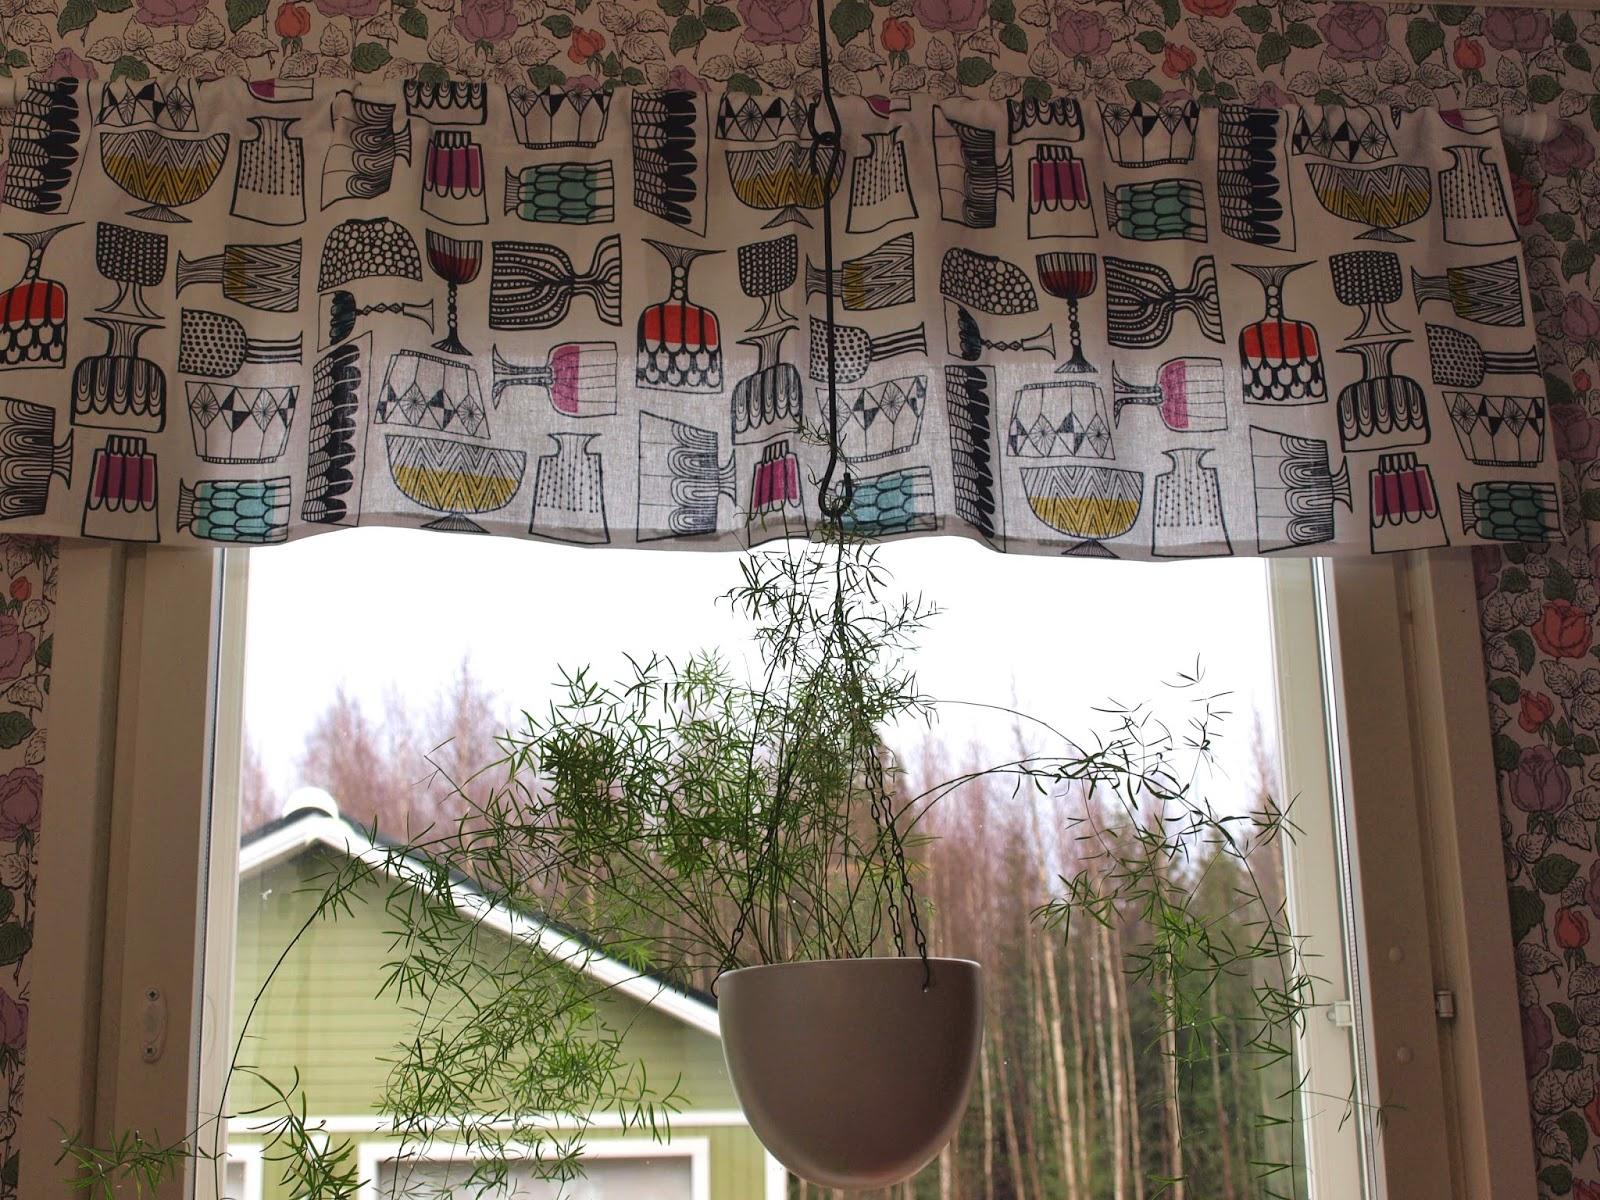 Vintage kitchen 50's mid-century valance Louekari marimekko kippis